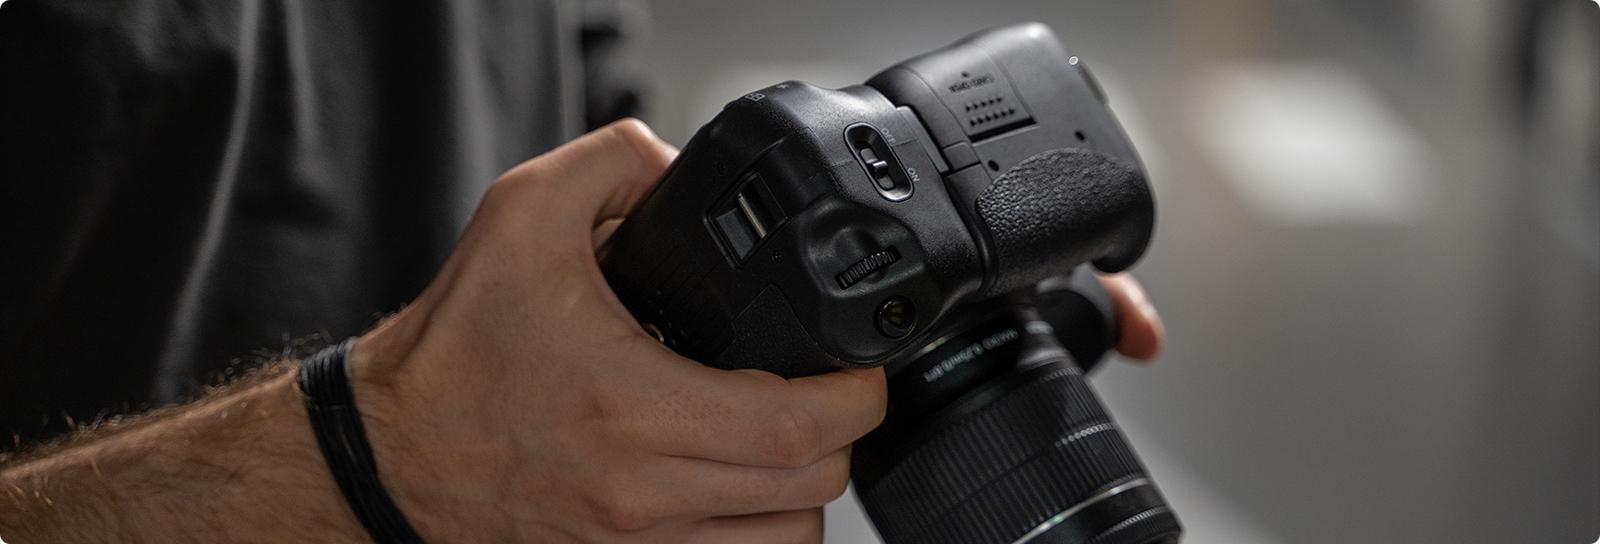 Sony VG-C3EM